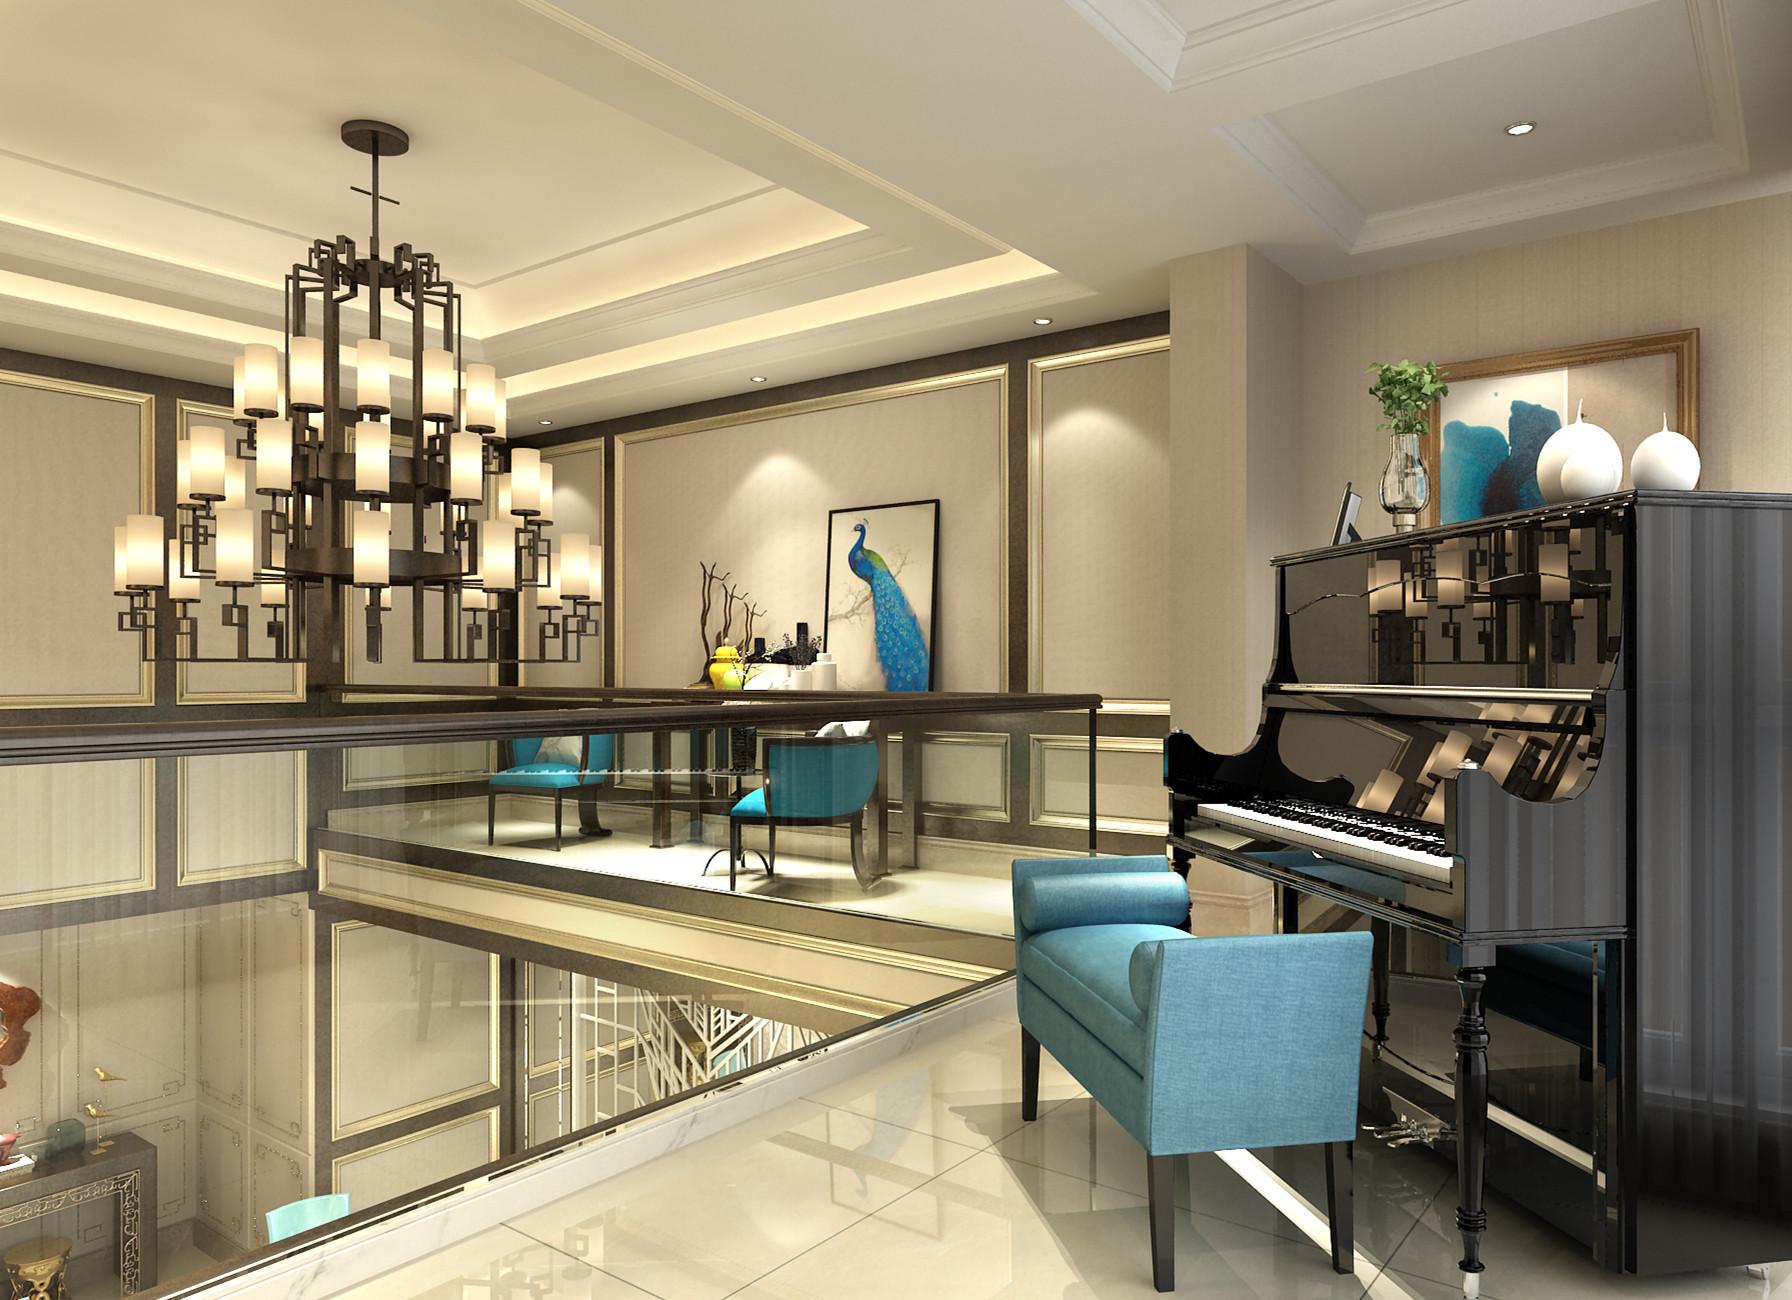 二层钢琴区及休闲区